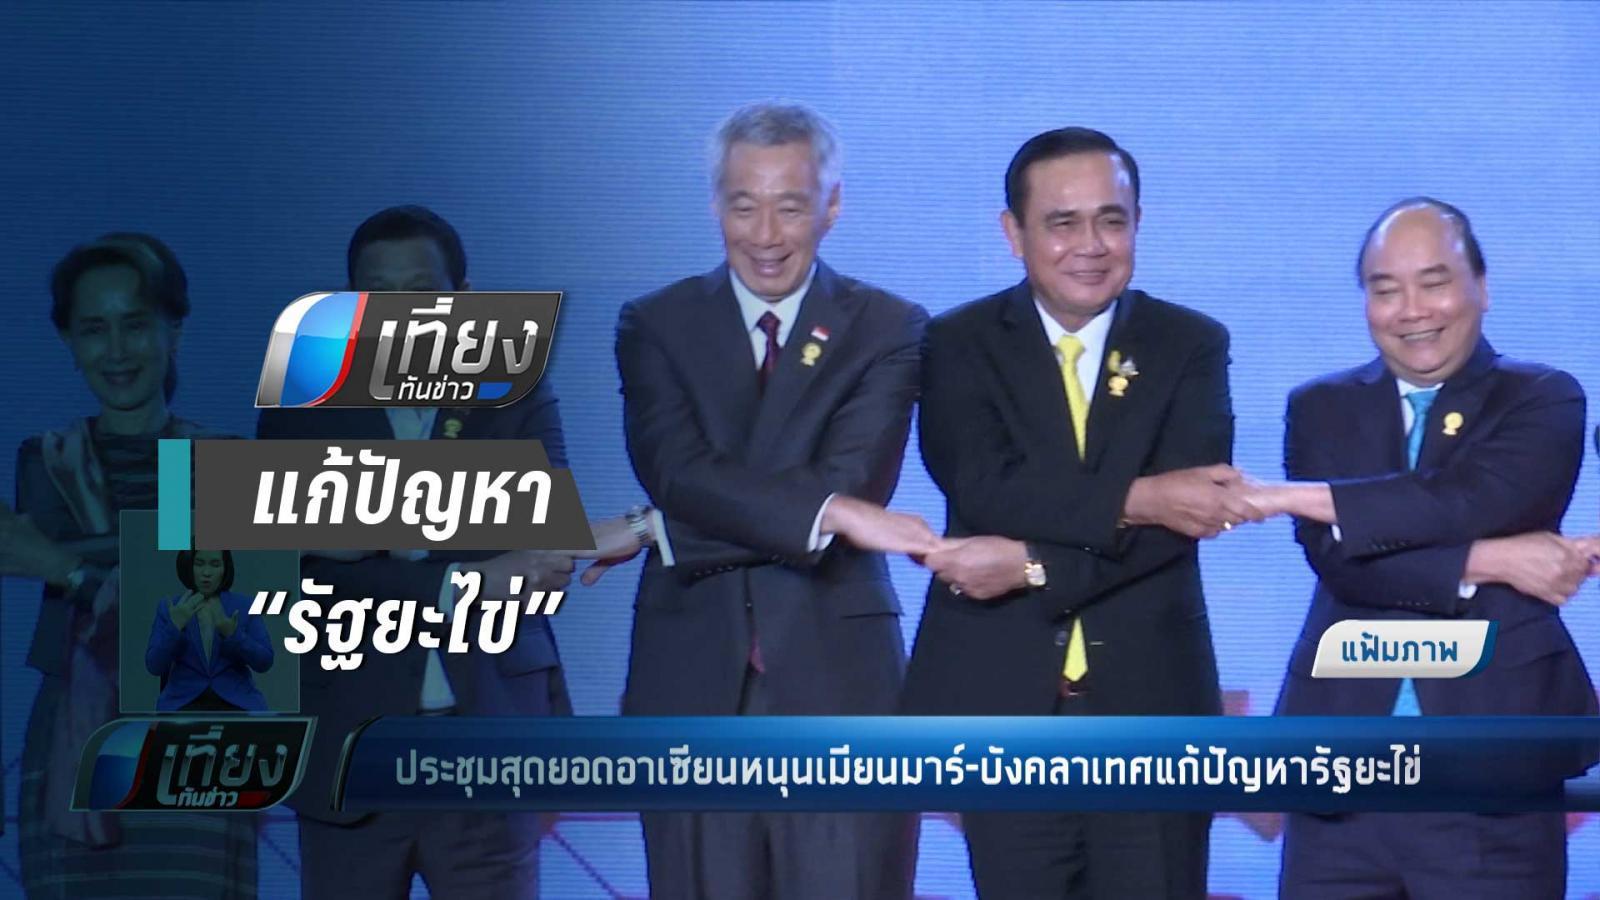 """ประชุมสุดยอดอาเซียน หนุน เมียร์มาร์–บังคลาเทศ แก้ปัญหา """"รัฐยะไข่"""""""